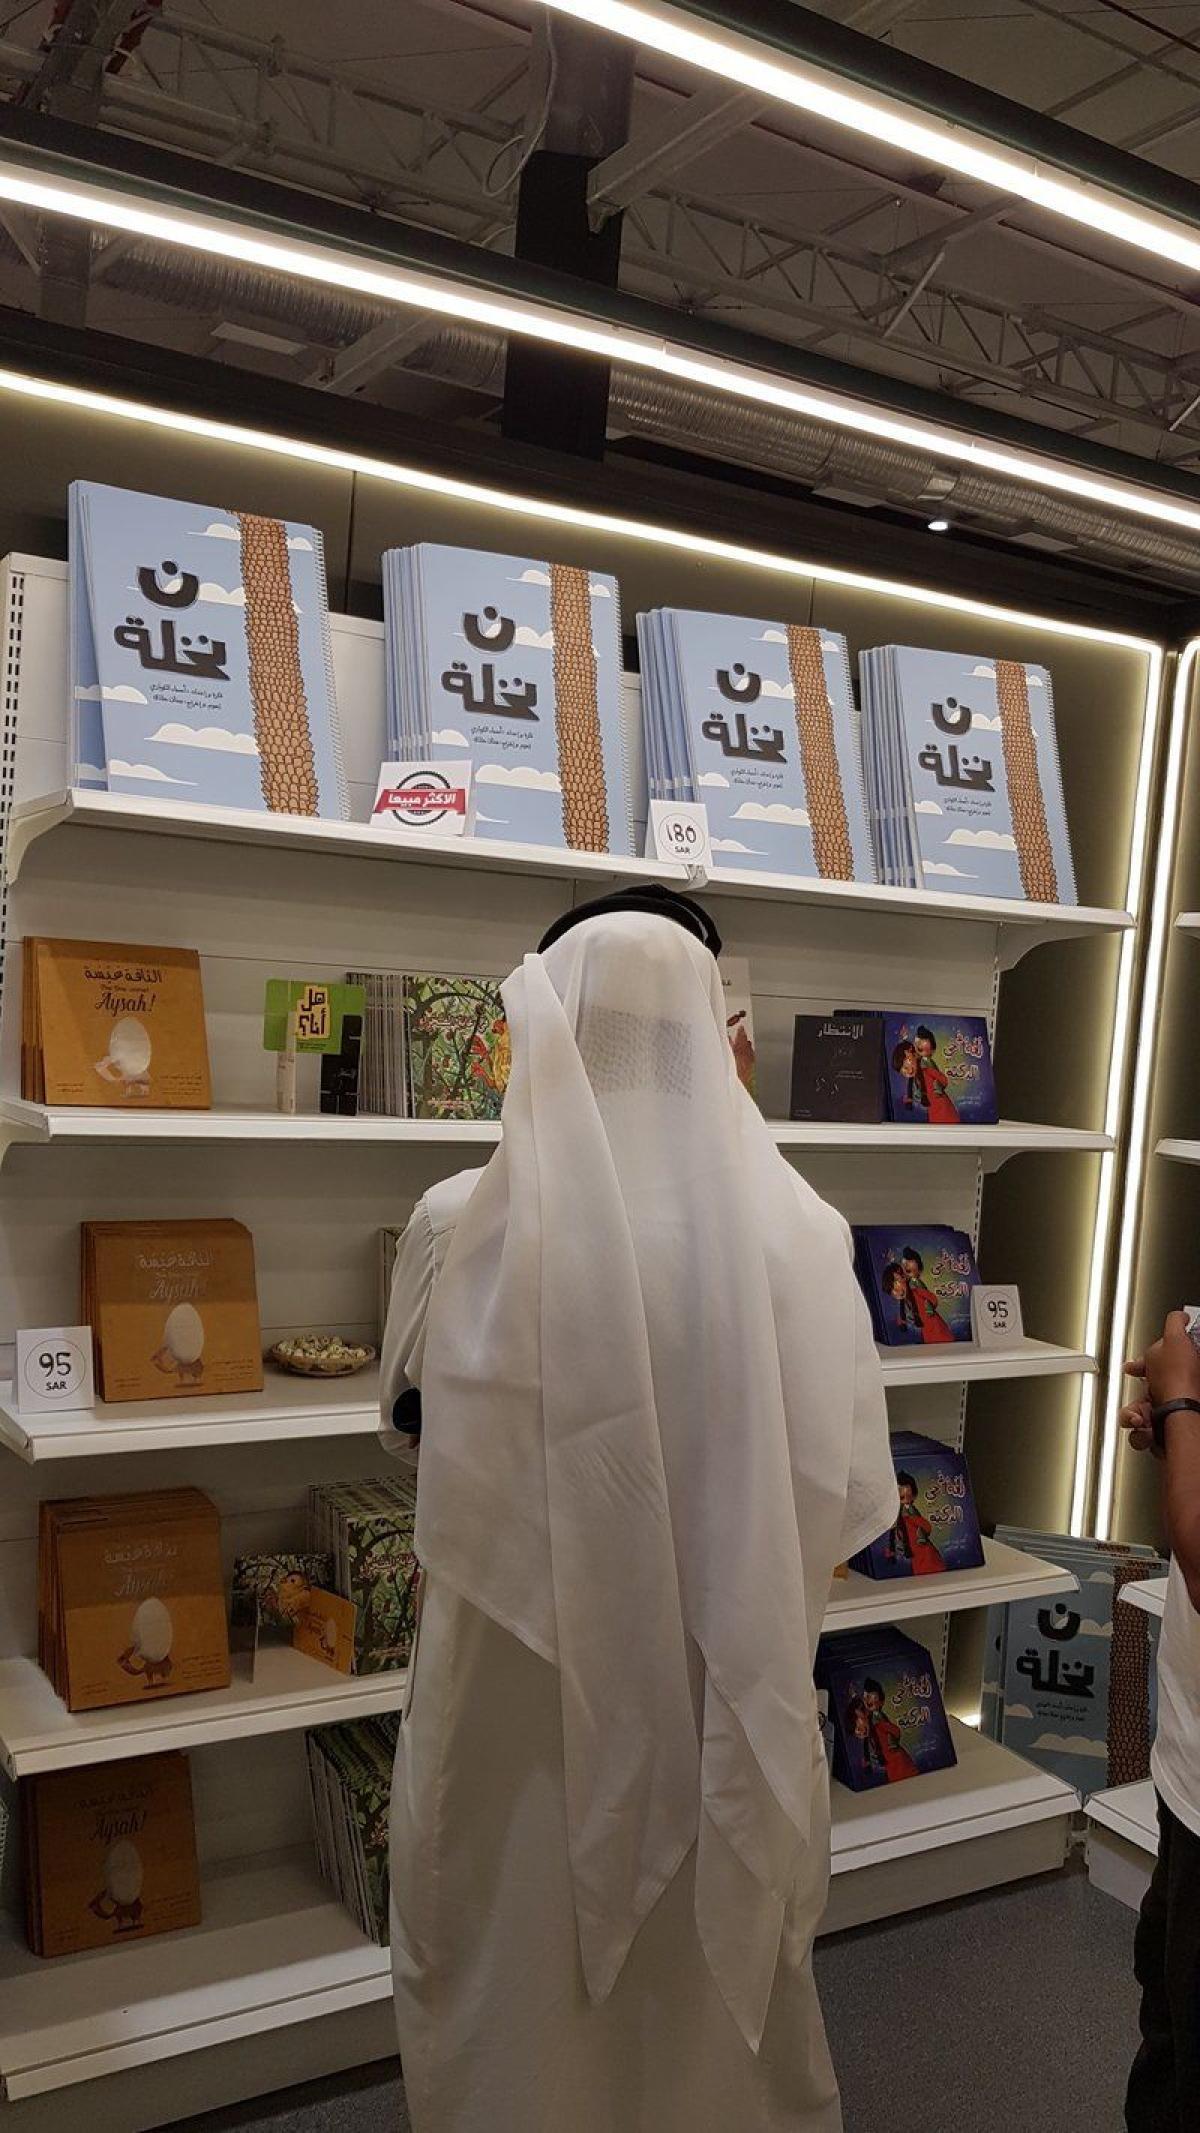 """أكبر المؤلفات حجماً بـ """"كتاب الرياض"""".. كاتبة توظّف النخلة في إكسا"""